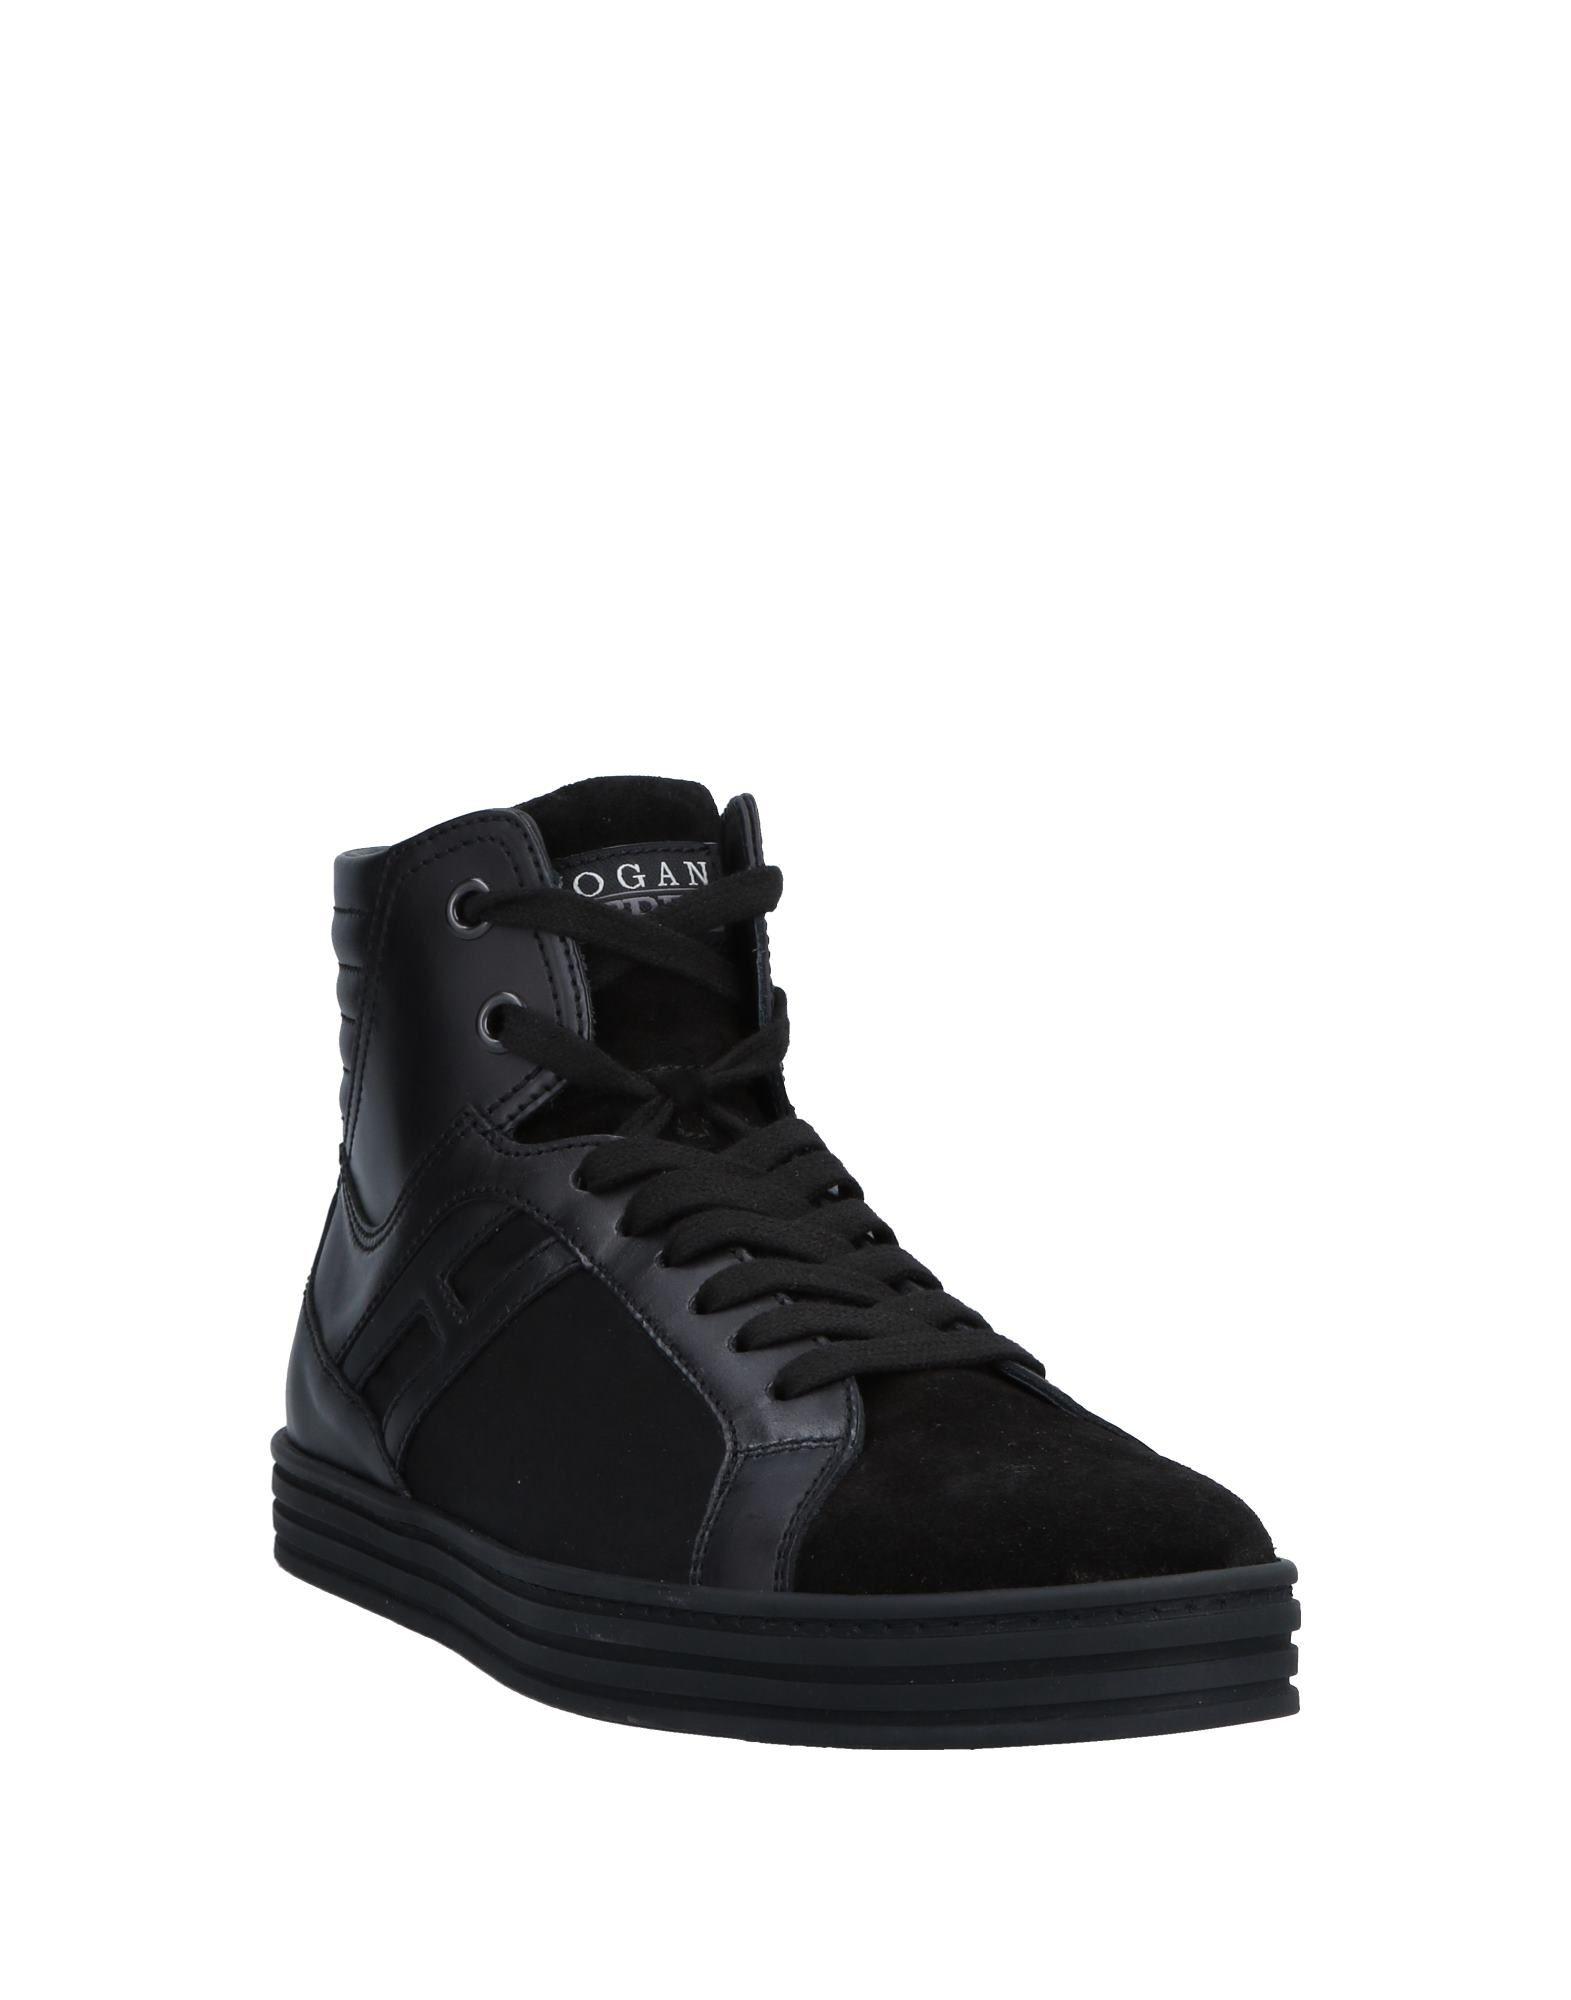 Hogan Rebel Sneakers Herren  Schuhe 11559865EU Gute Qualität beliebte Schuhe  ba085d